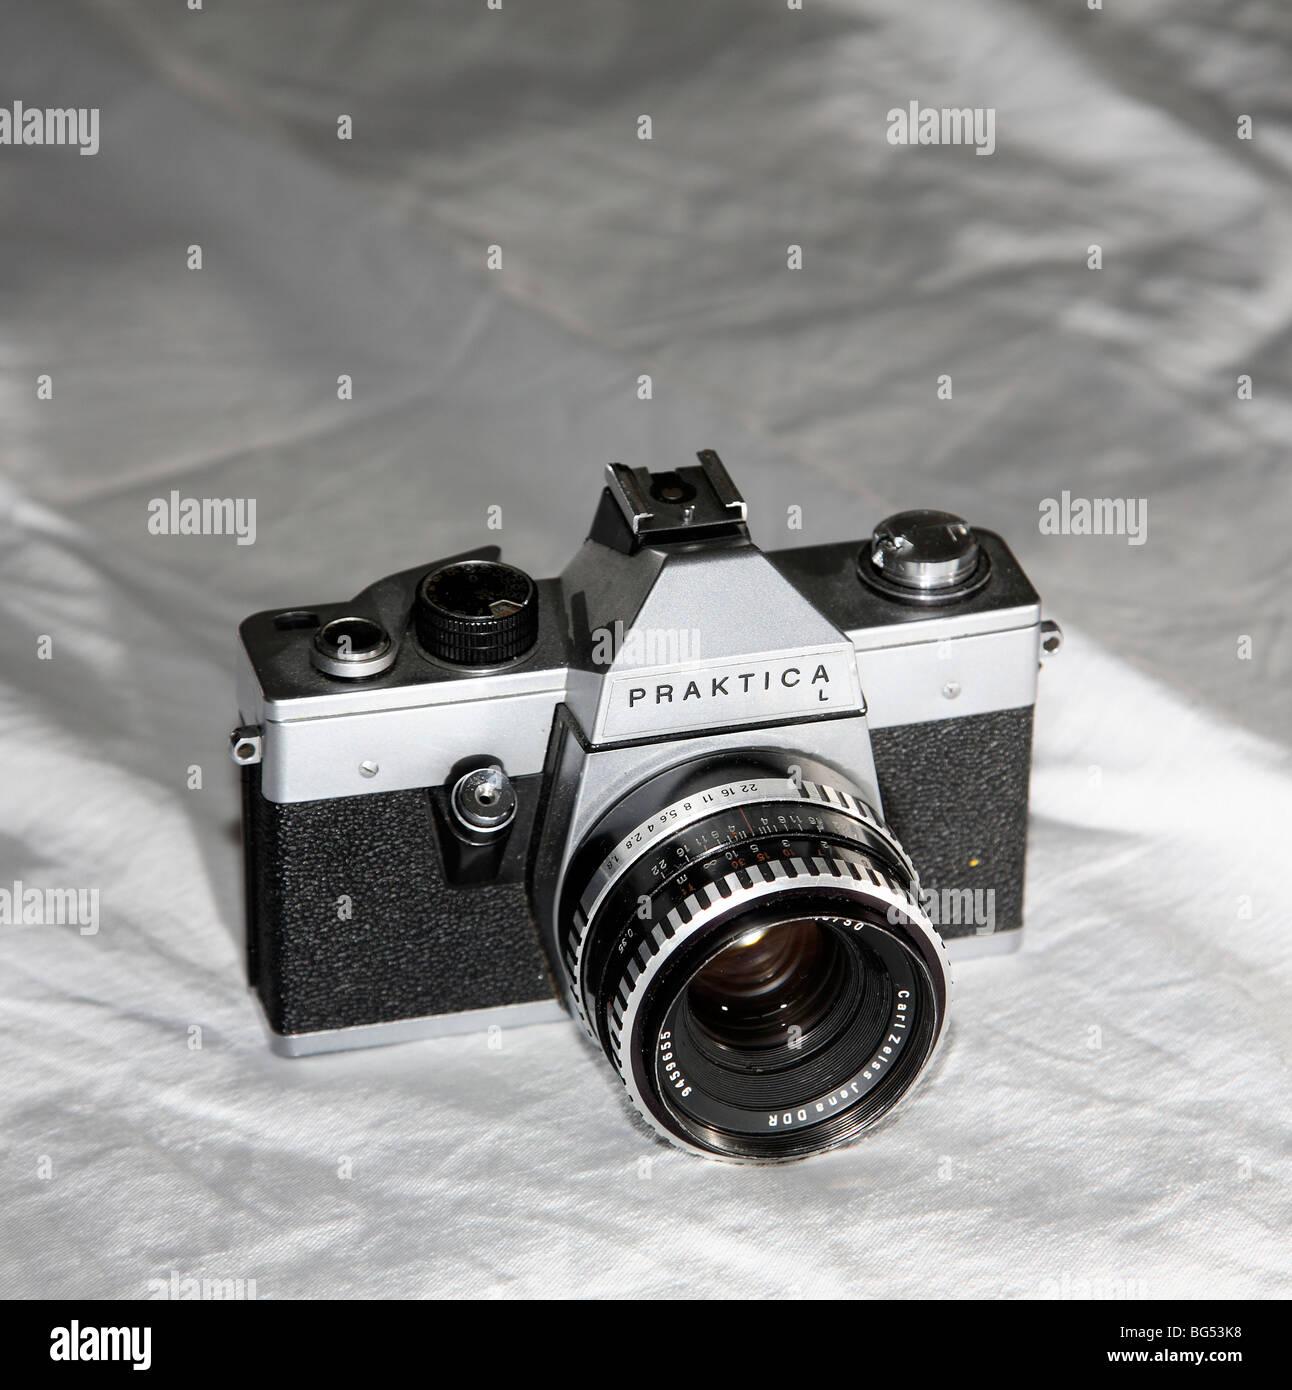 praktica camera - Stock Image